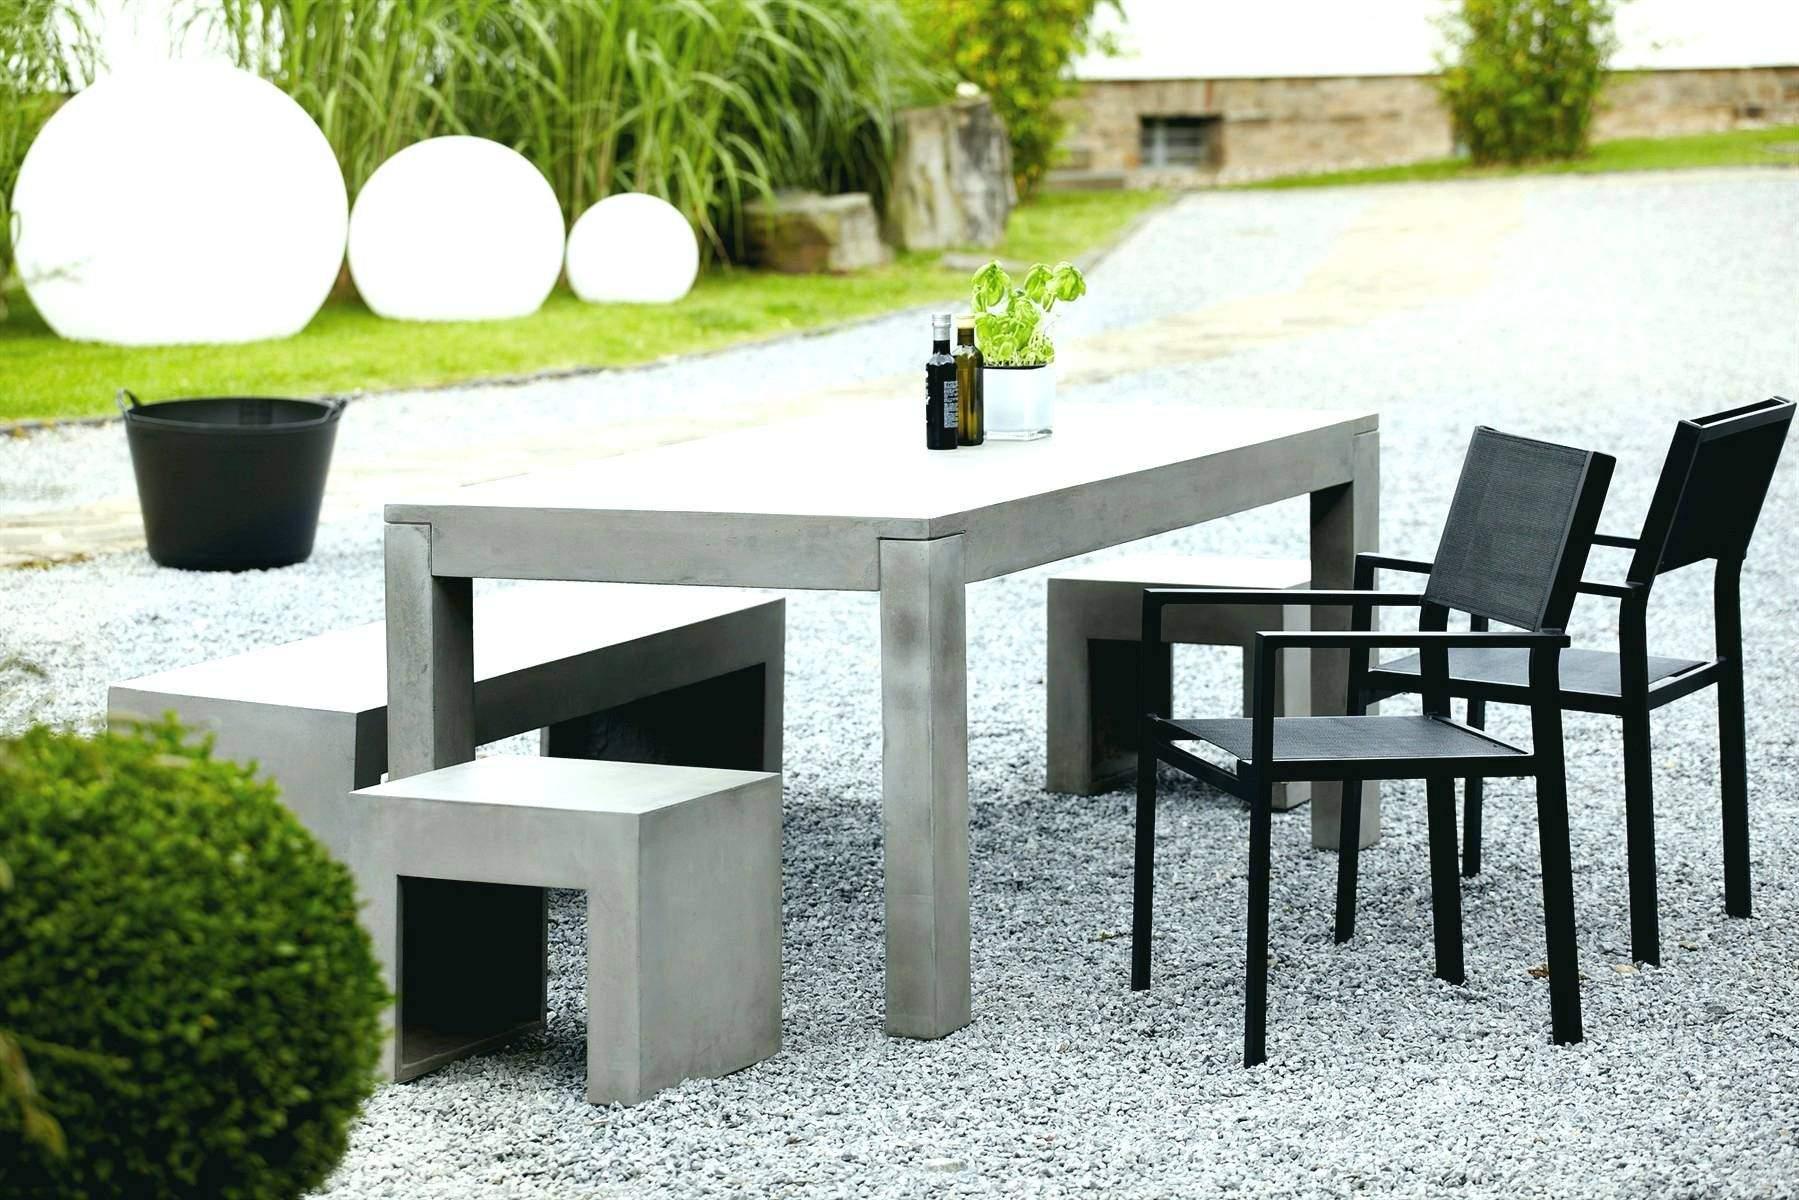 terrassen tisch und stuehle beton tisch garten ideen gartenmobel ausziehtisch tisch cobra od s genial